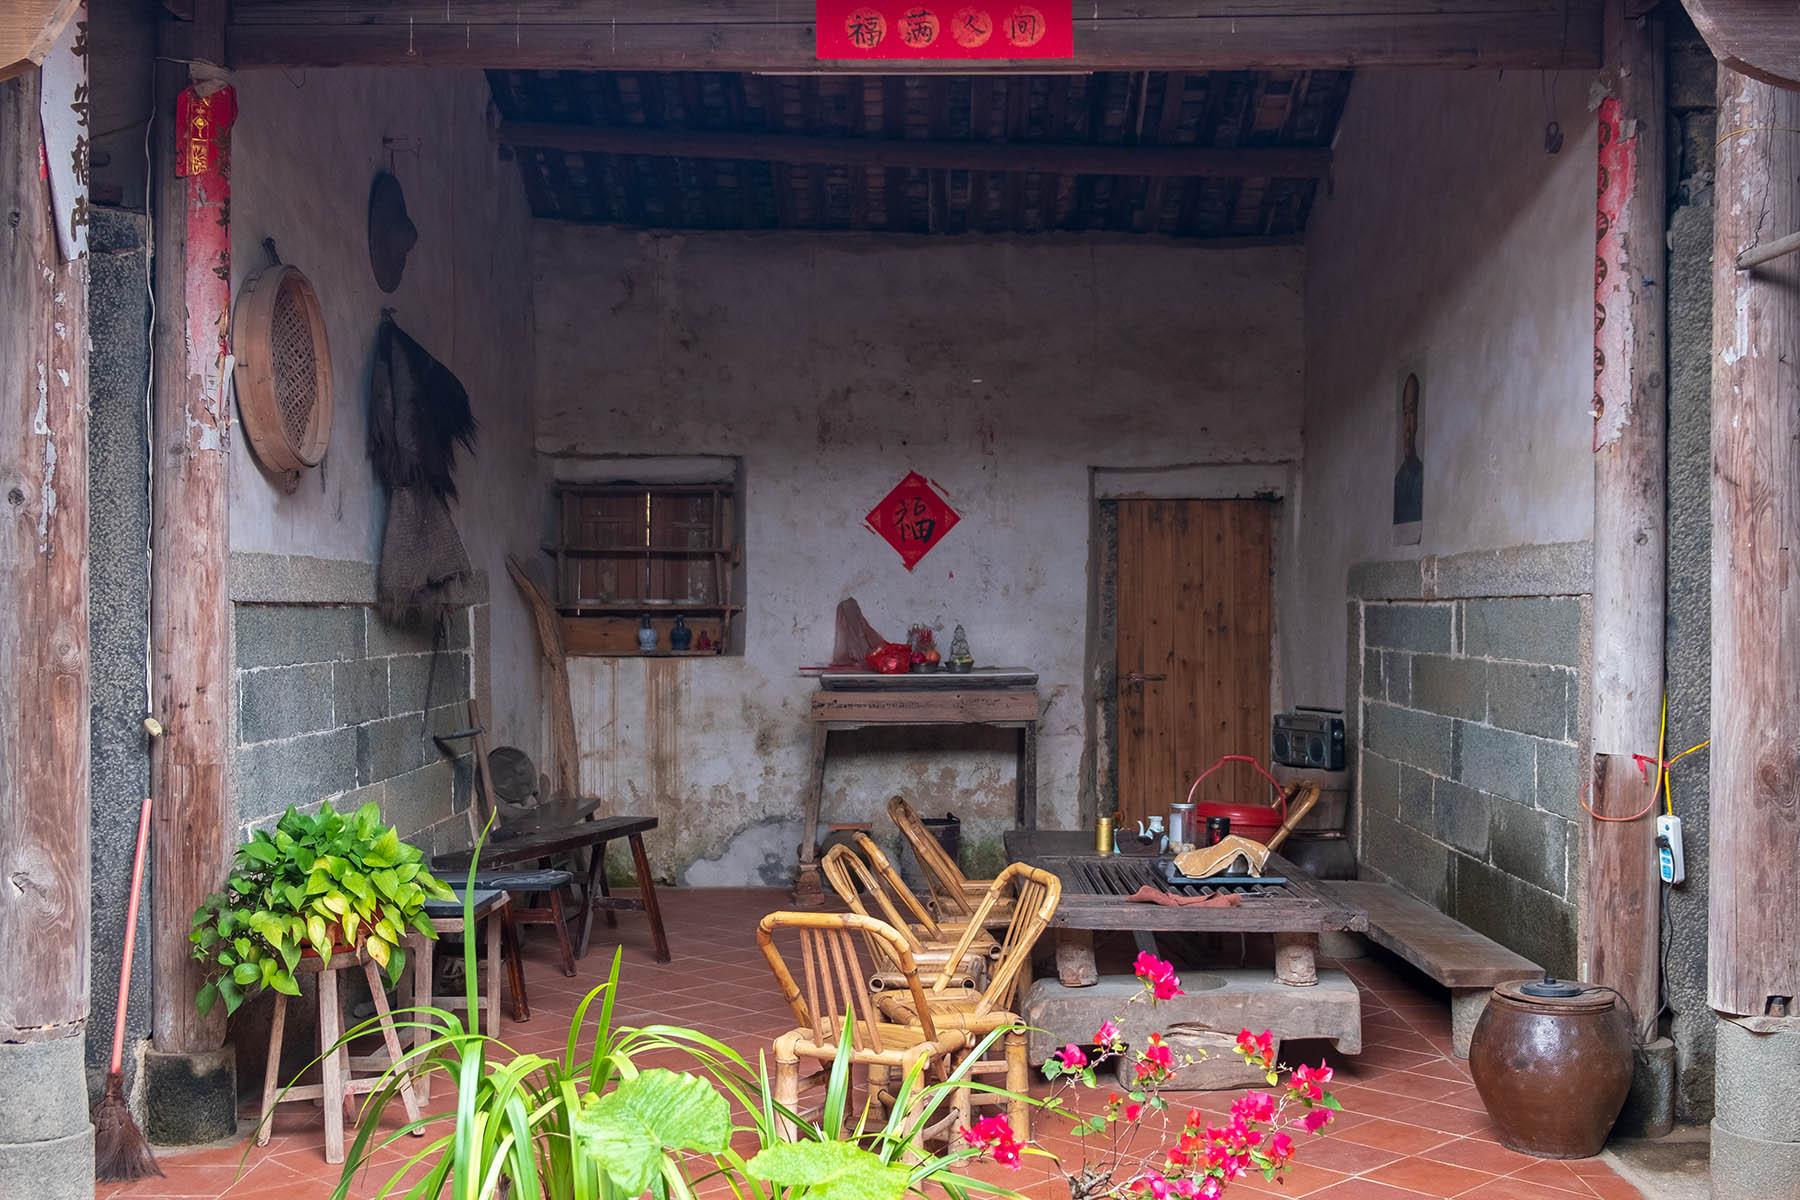 Blick in ein altes Steinhaus in Zhangjiao in der Provinz Fujian, China